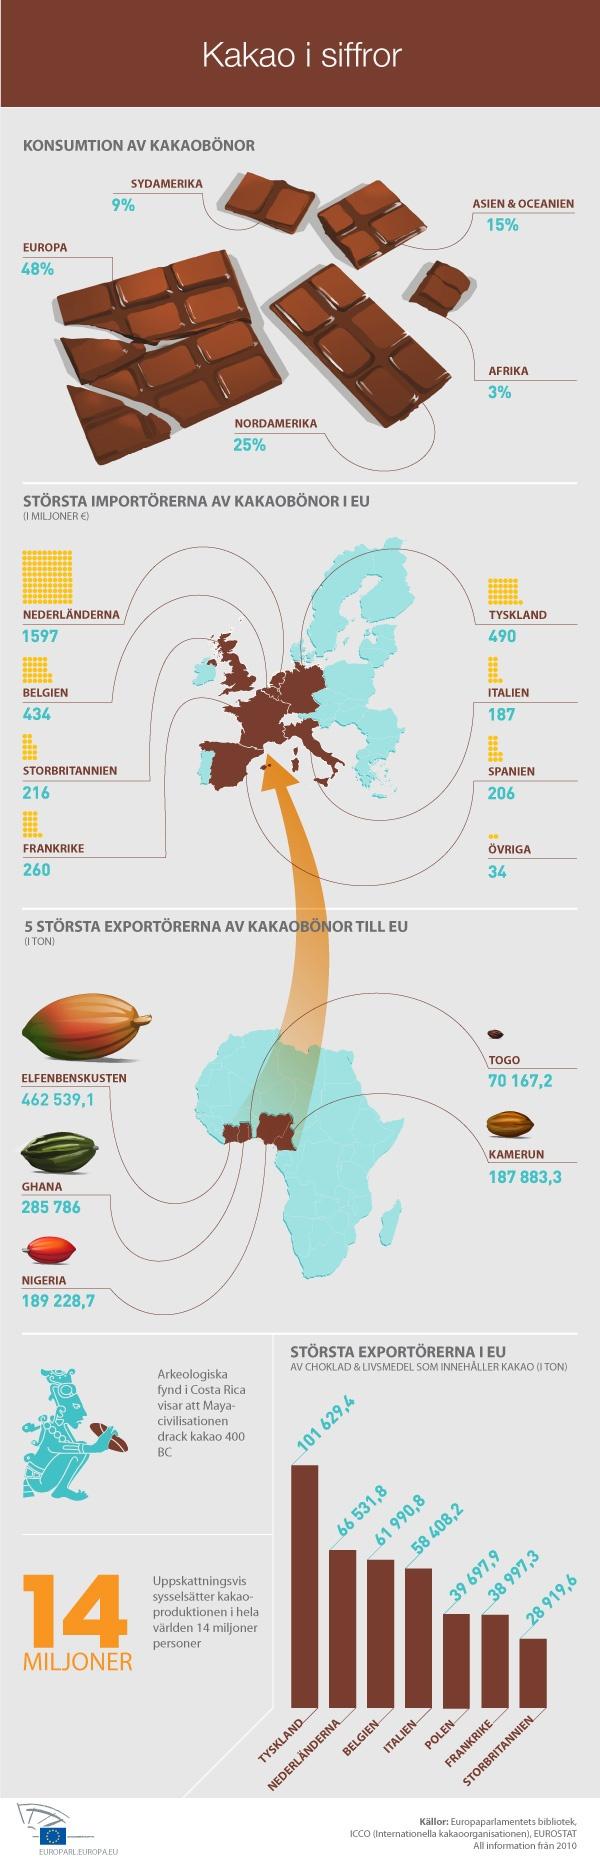 Europaparlamentet röstar om internationellt kakaoavtal